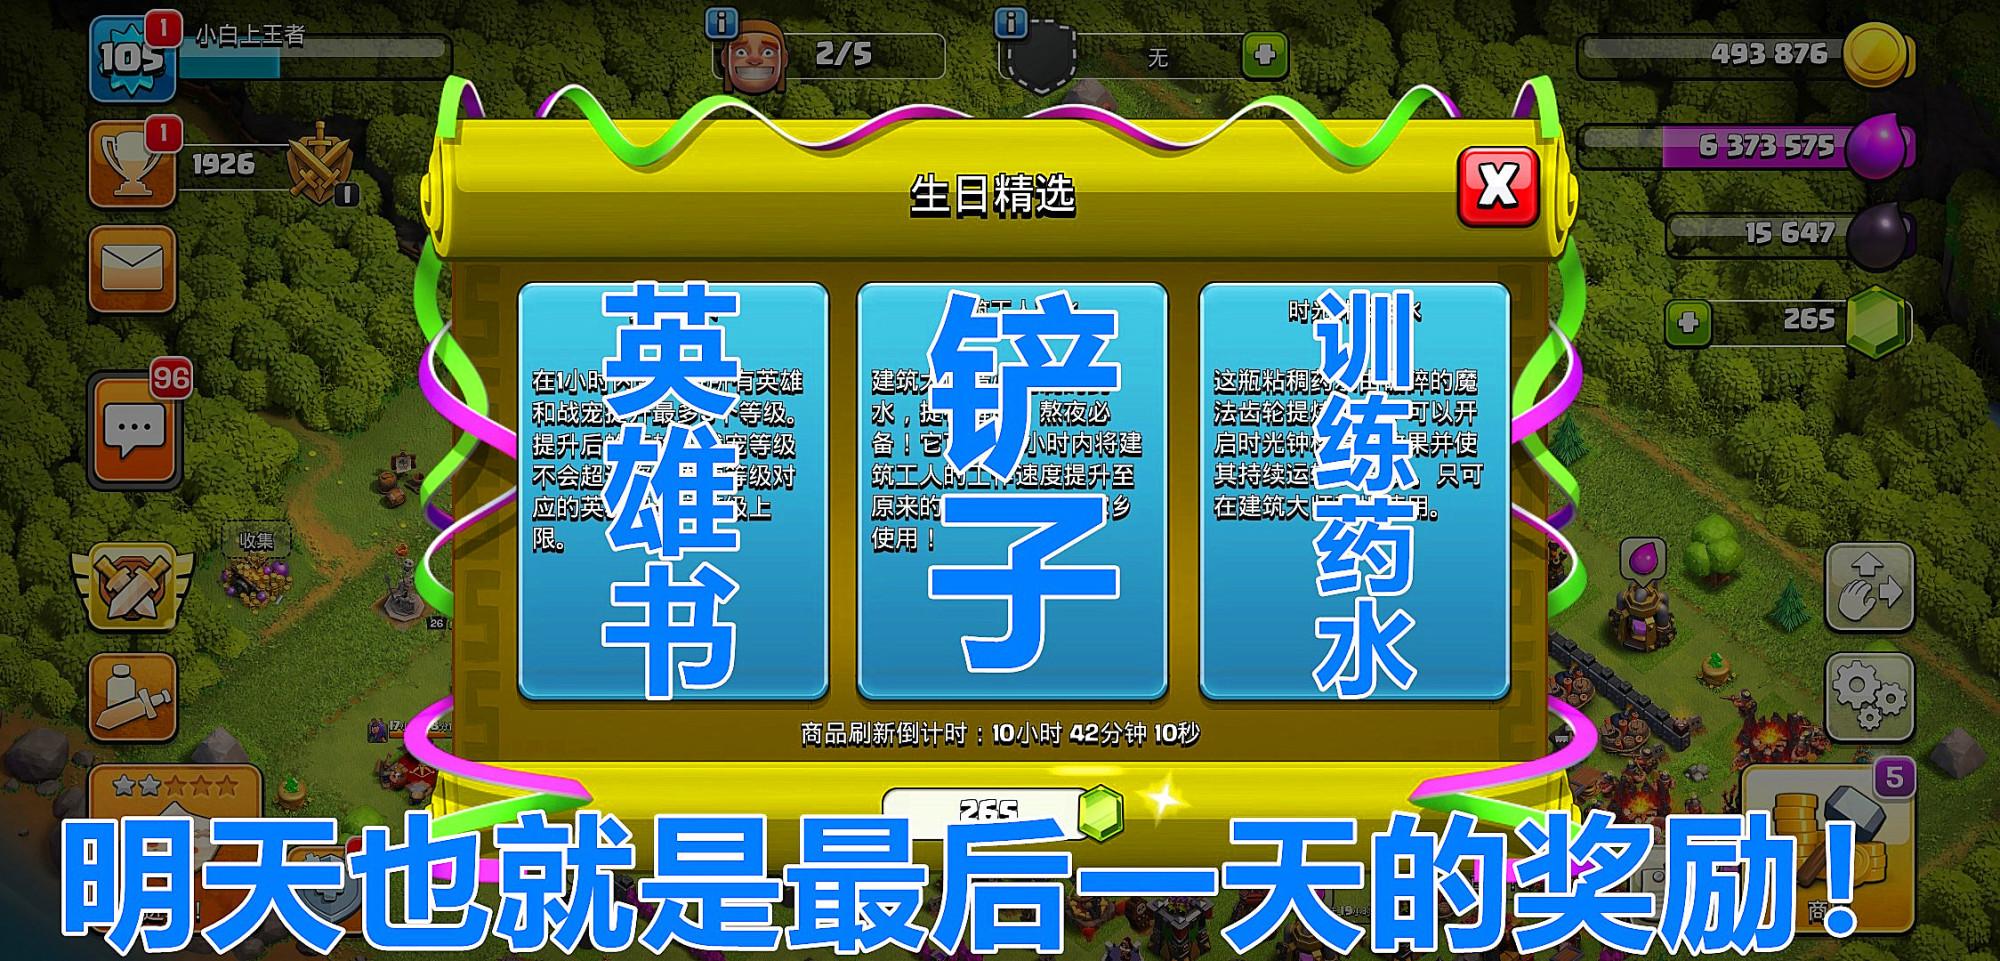 """《【煜星app注册】部落冲突:""""生日精选""""最后一天是""""英雄之书""""小伙伴们做好准备》"""